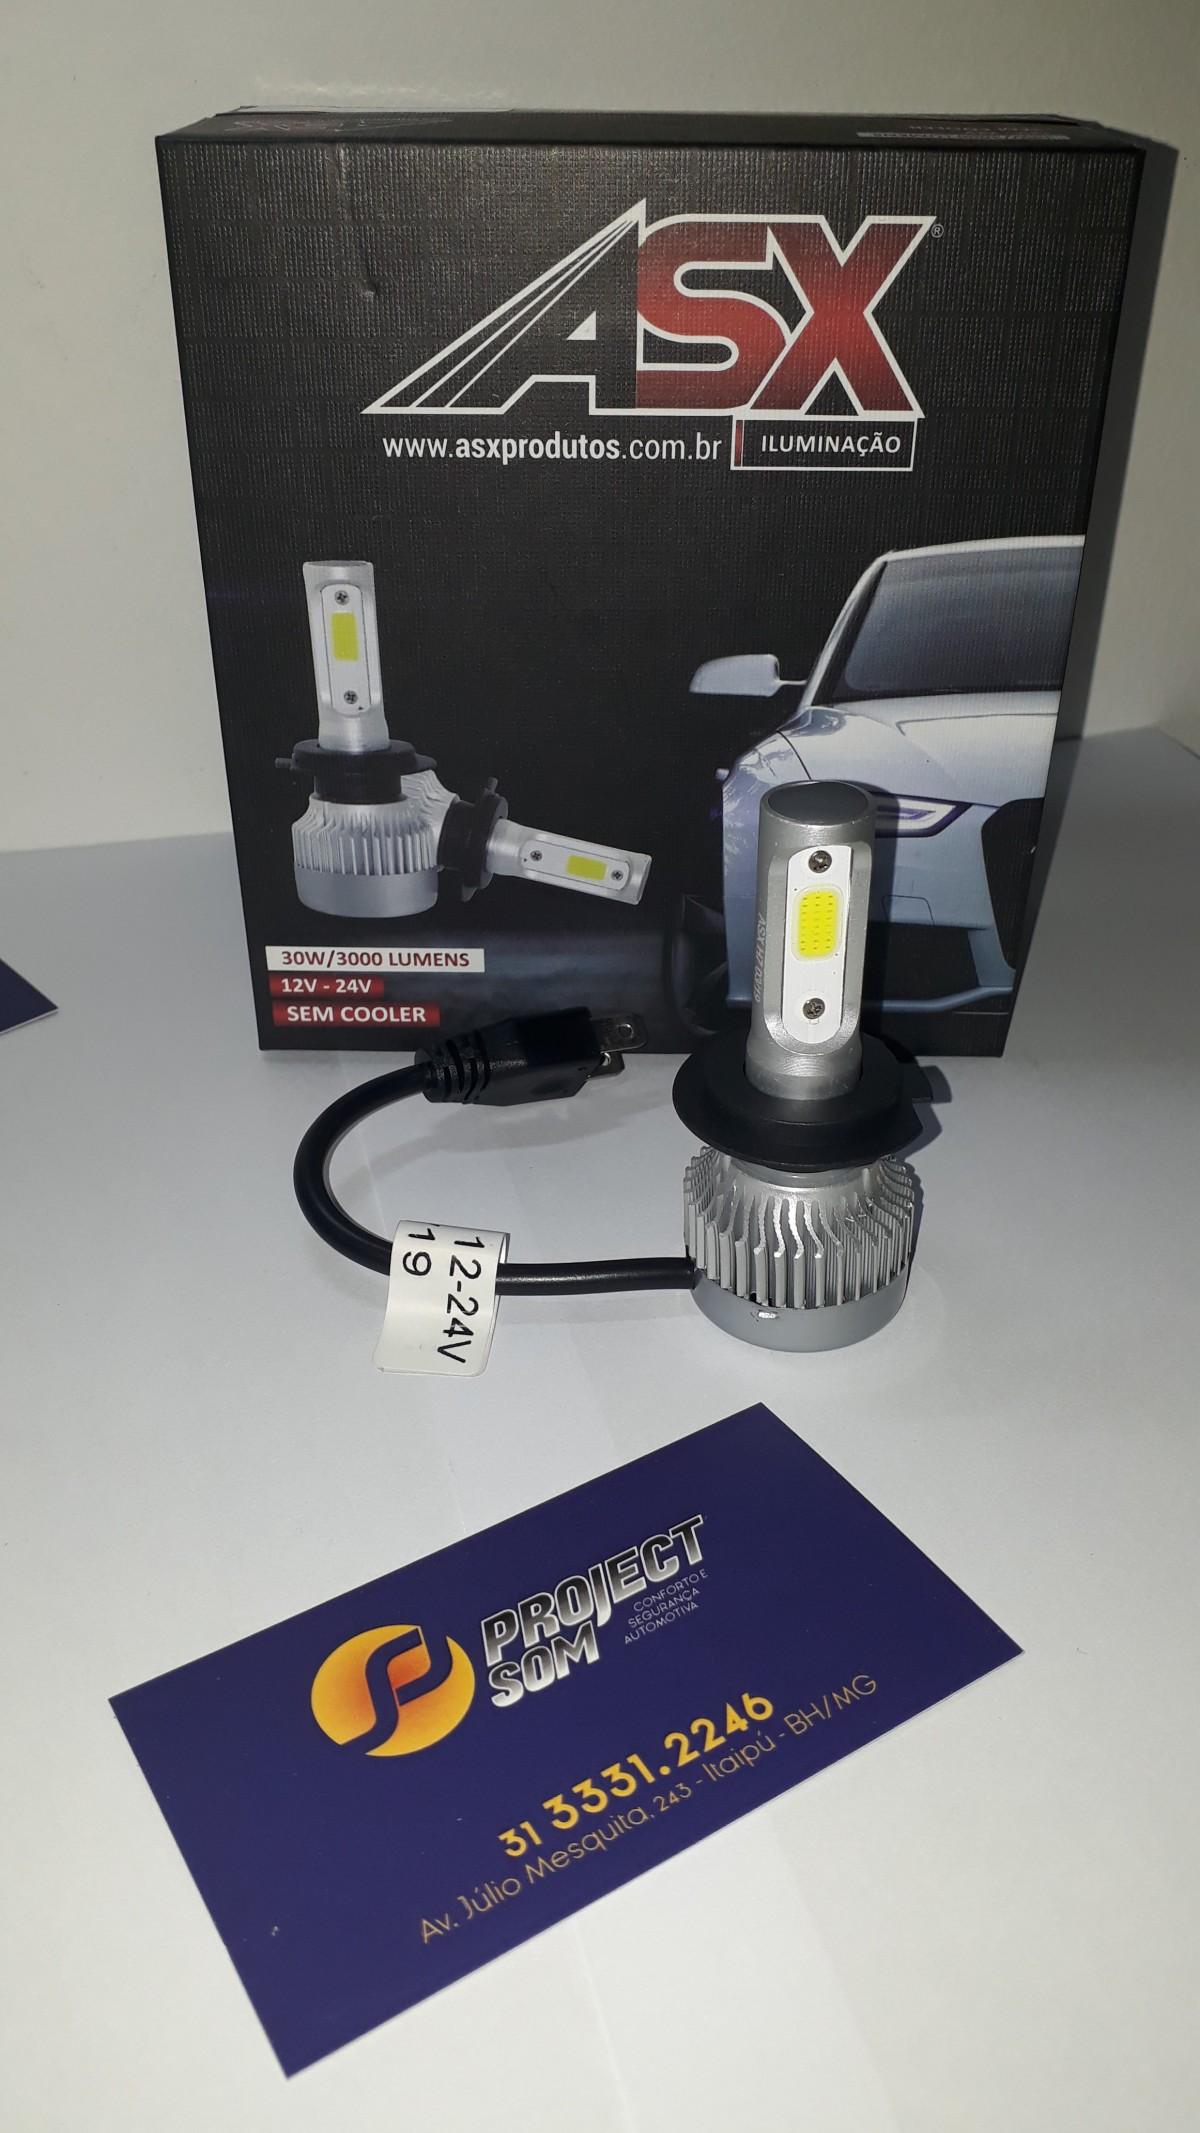 Imagem do produto Super Led H7 30W / 3000 Lúmens